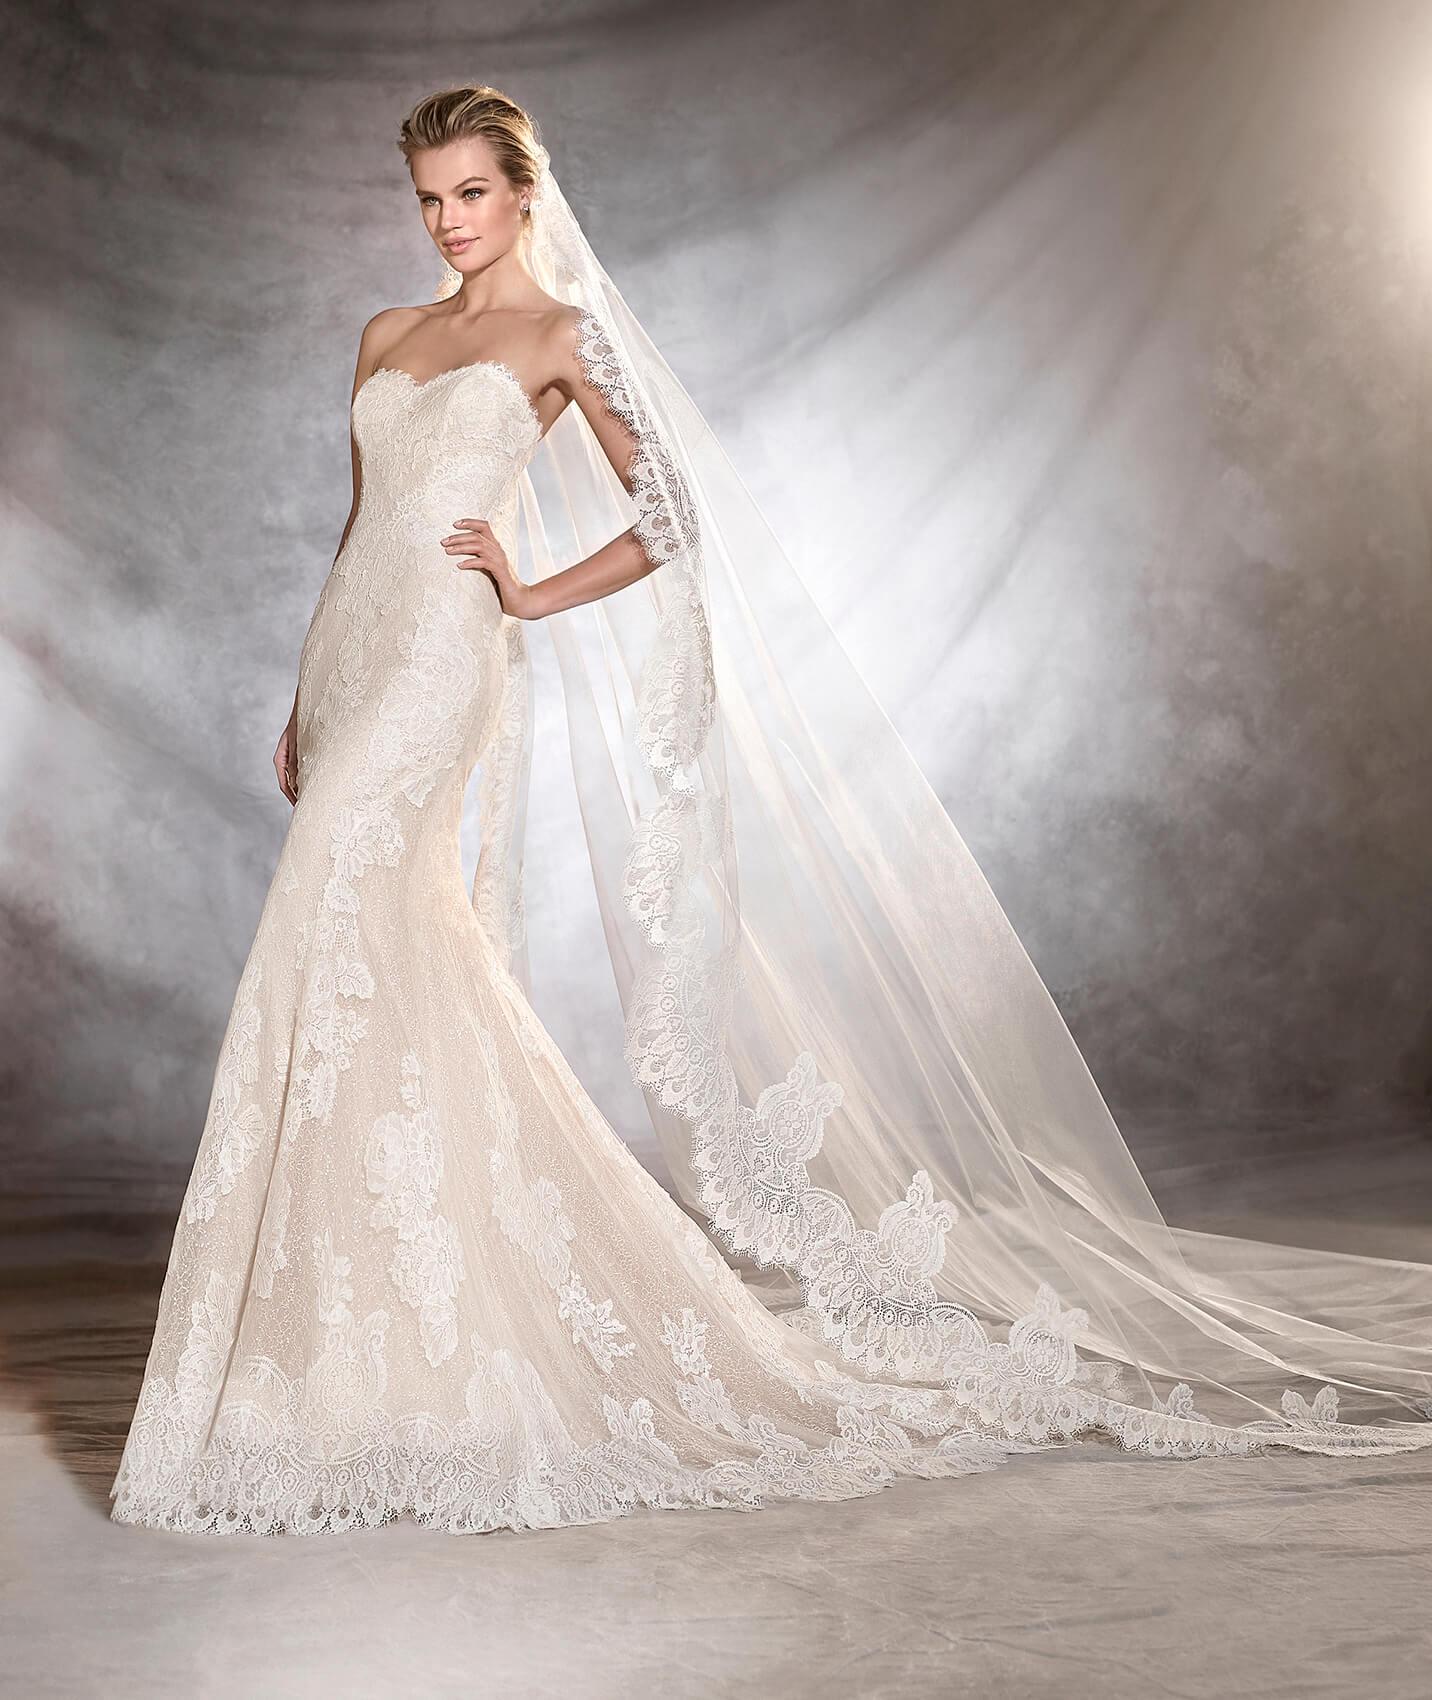 Orlan vestuvinė suknelė